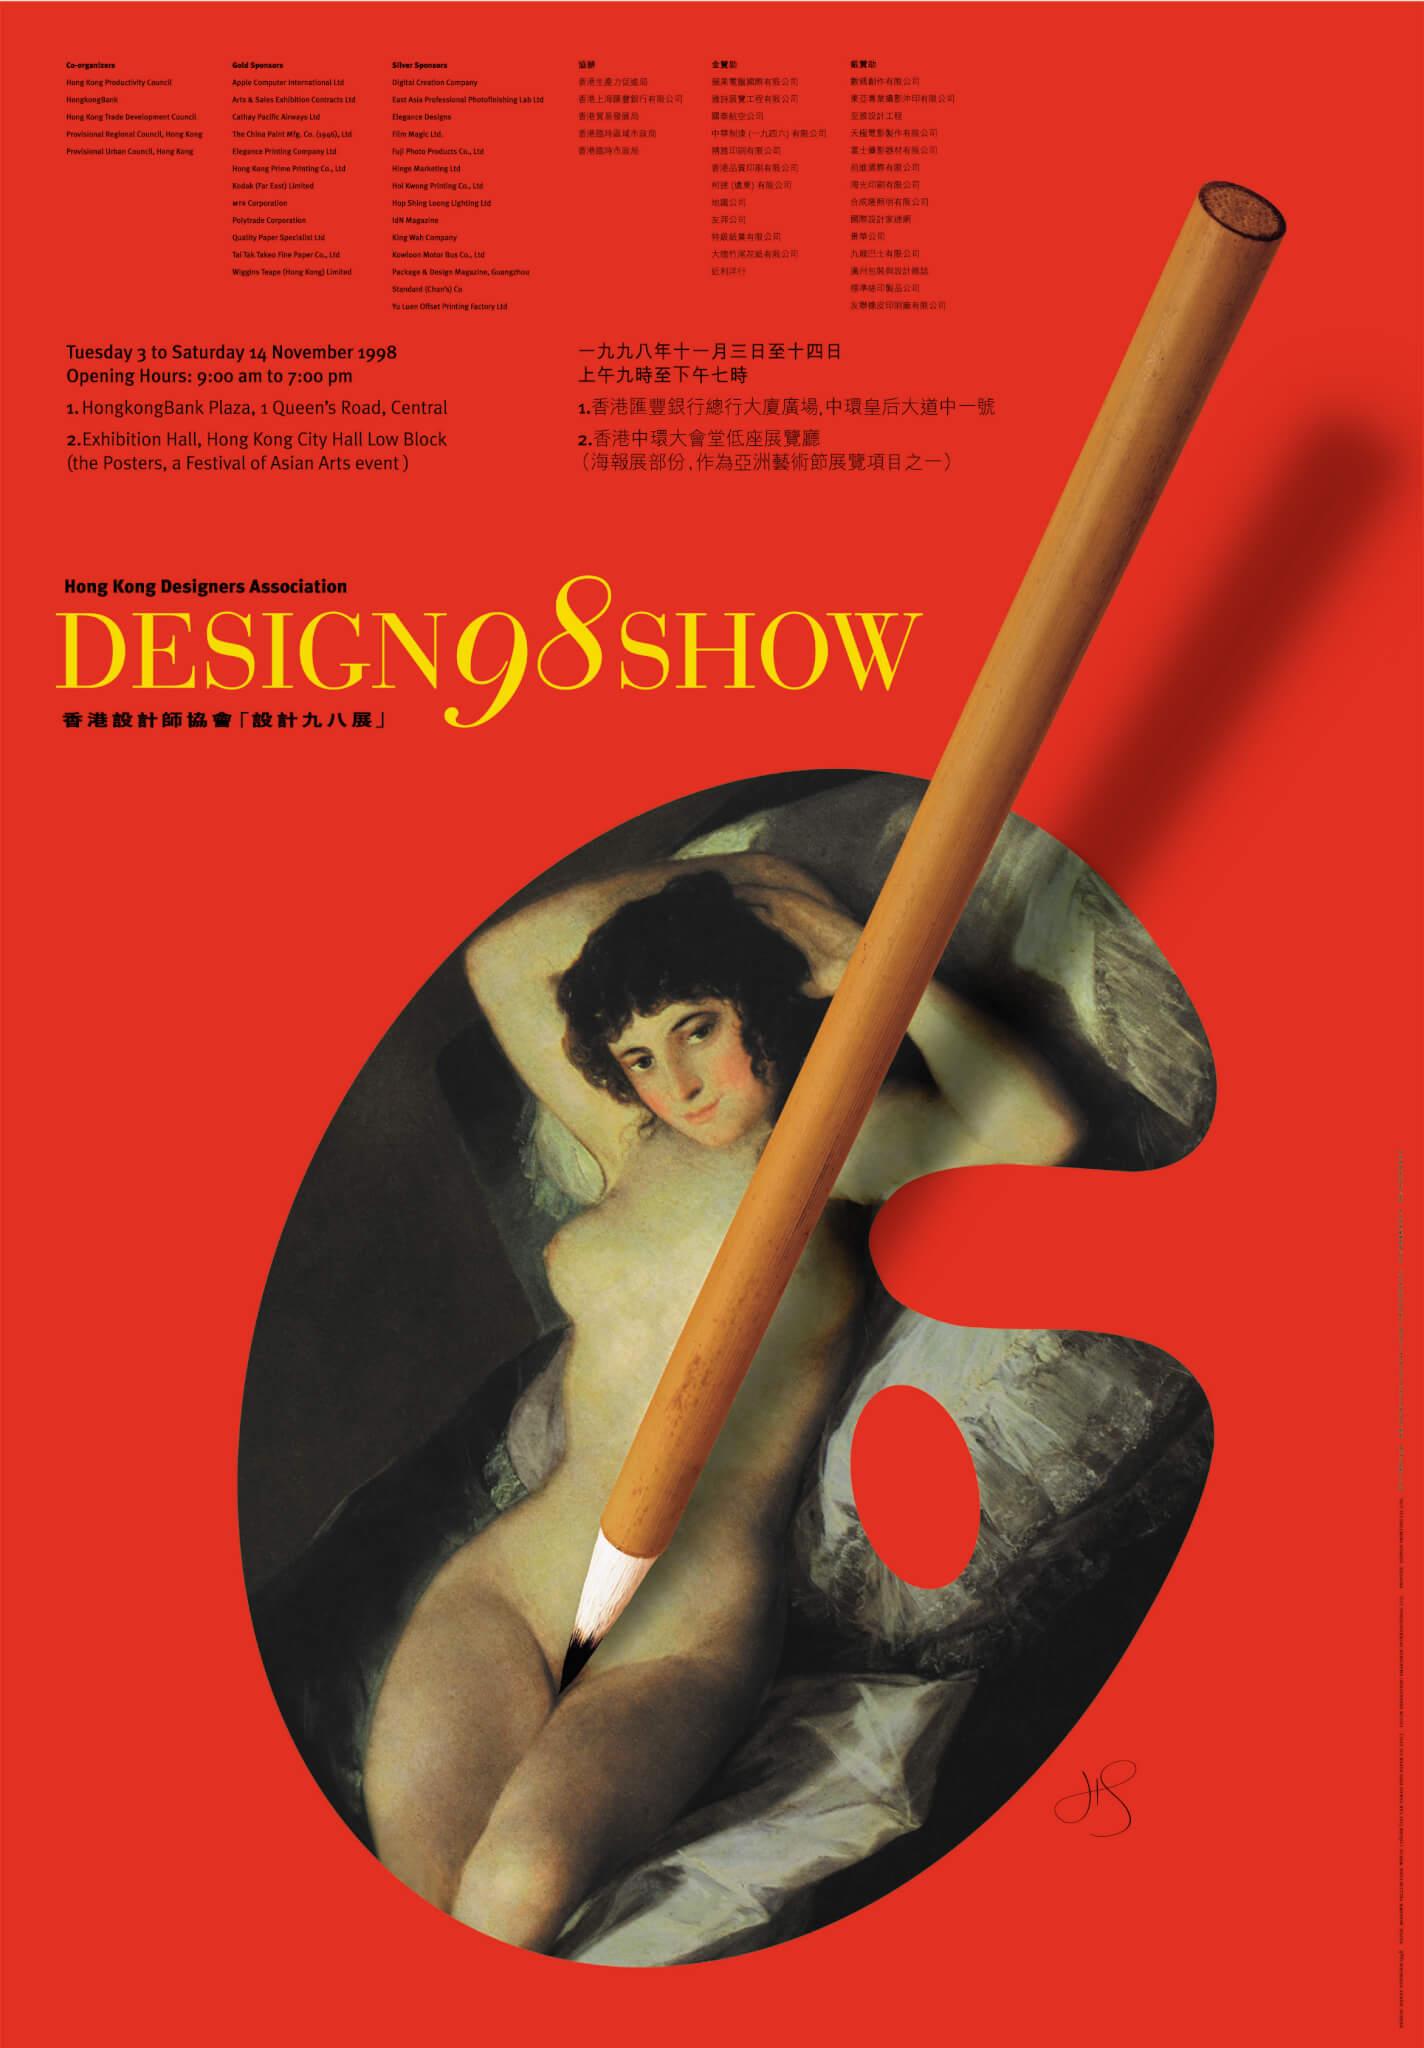 當年引起爭議的Design98海報